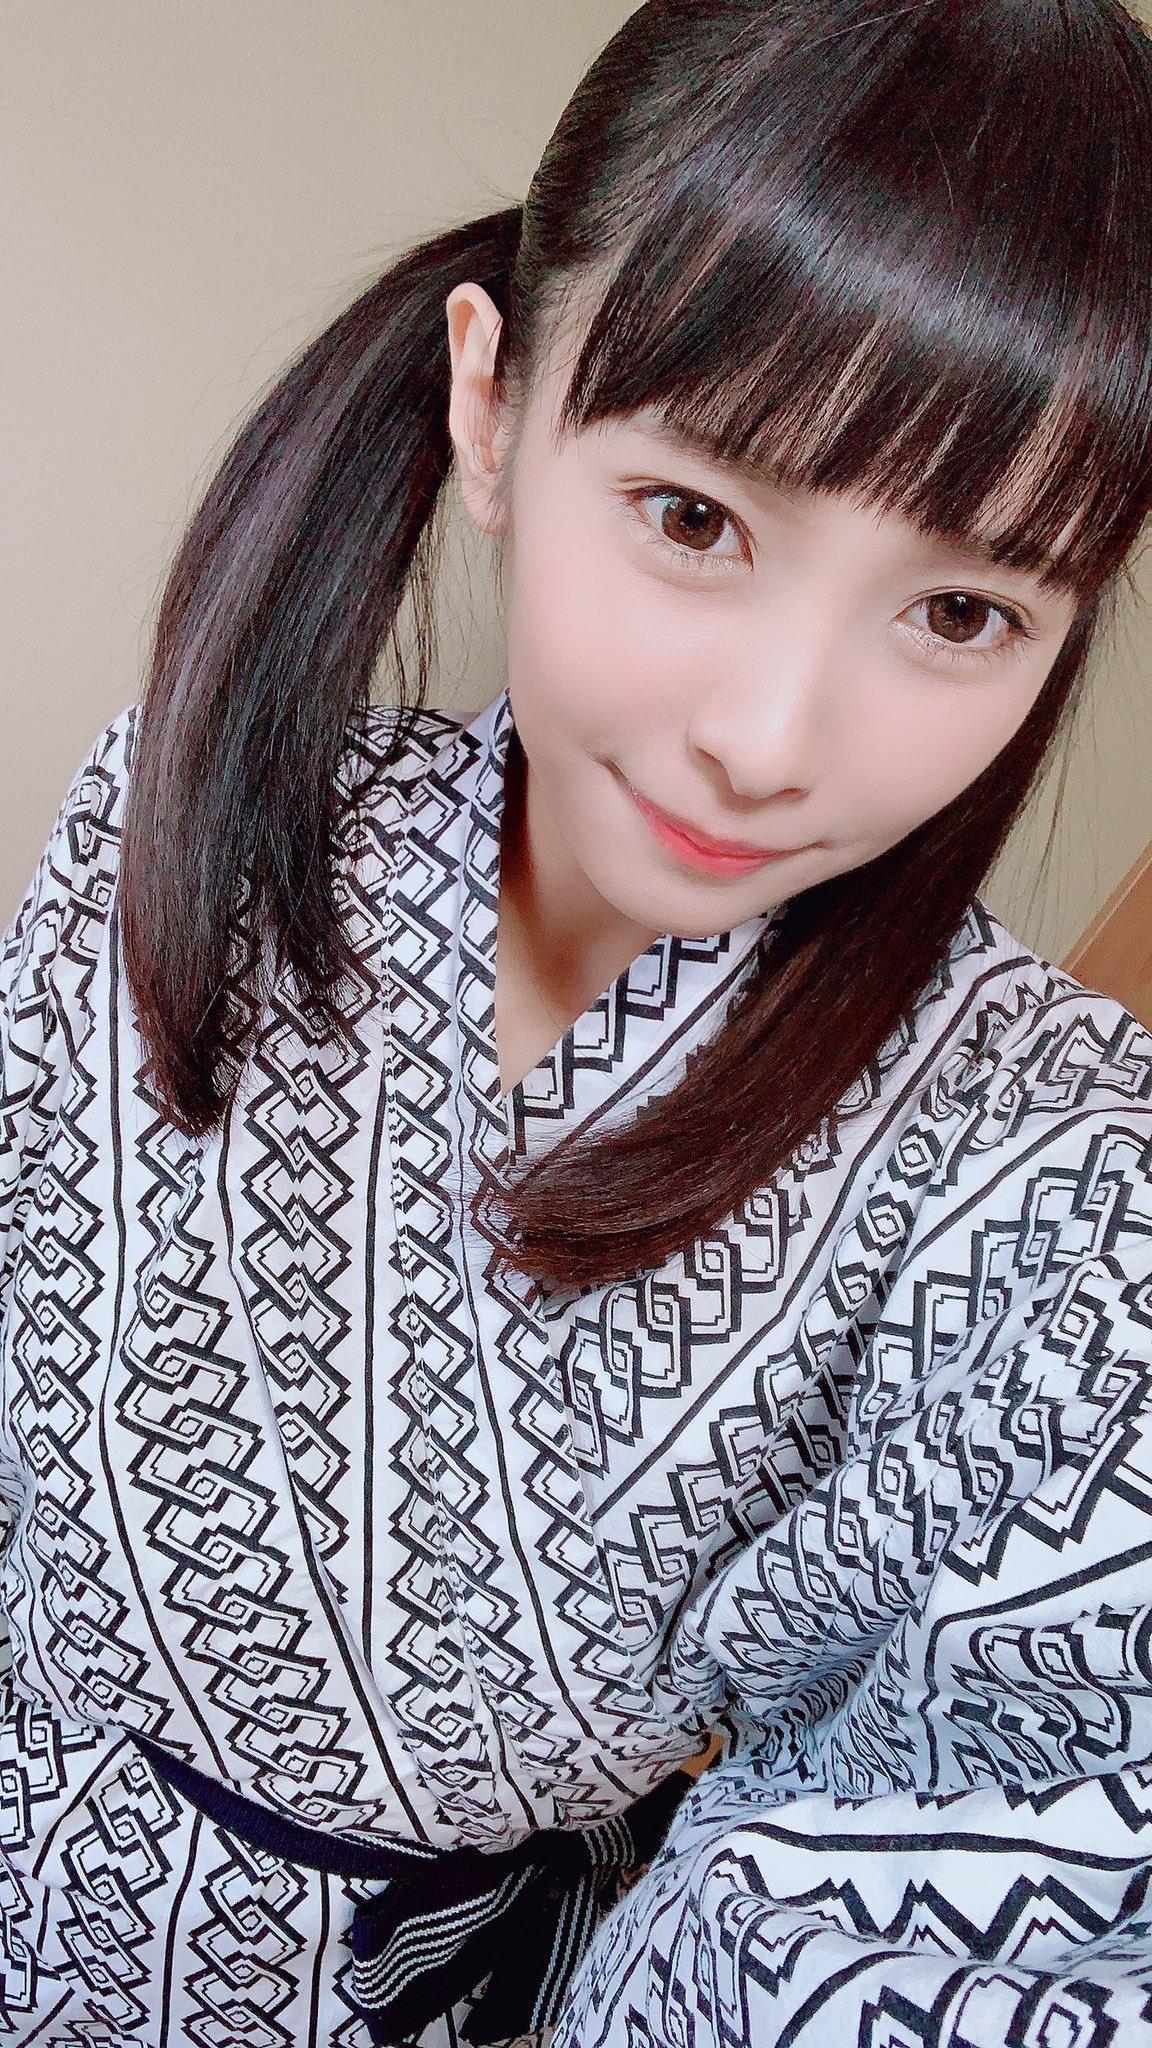 深田咏美再现魅魔 葵铃奈瘦小水着插图(7)